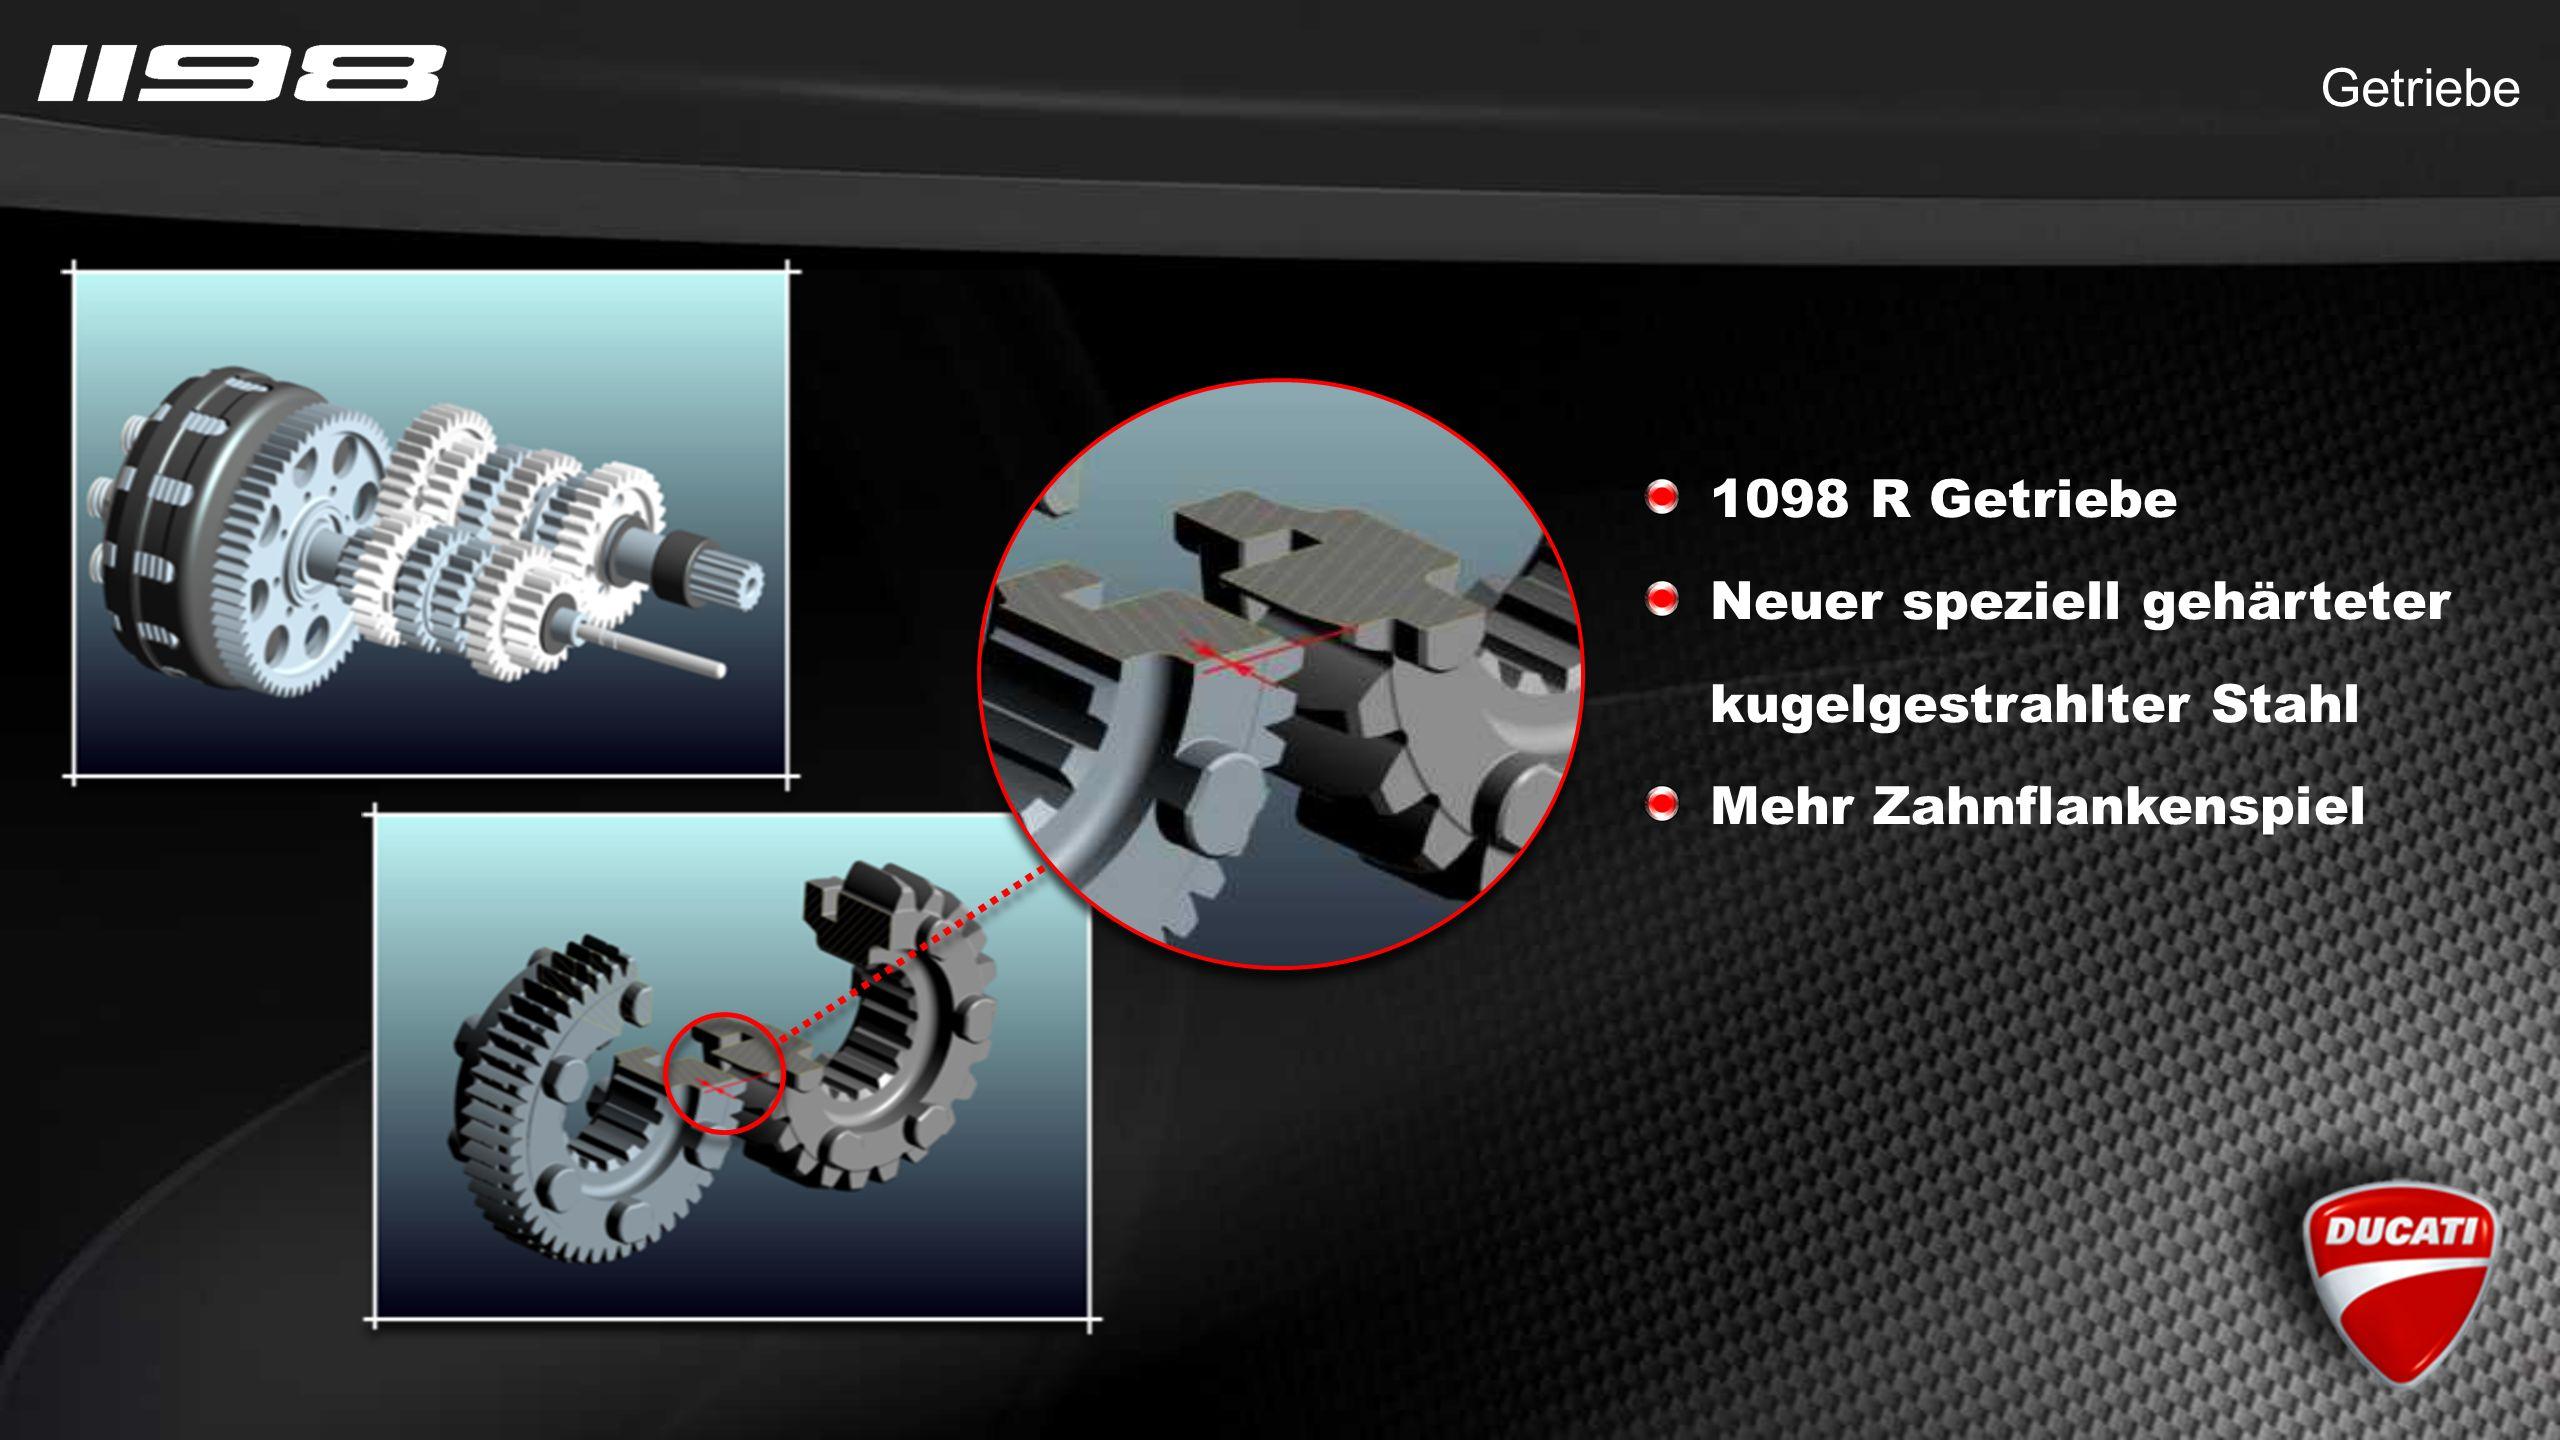 1098 R Getriebe Neuer speziell gehärteter kugelgestrahlter Stahl Mehr Zahnflankenspiel Getriebe